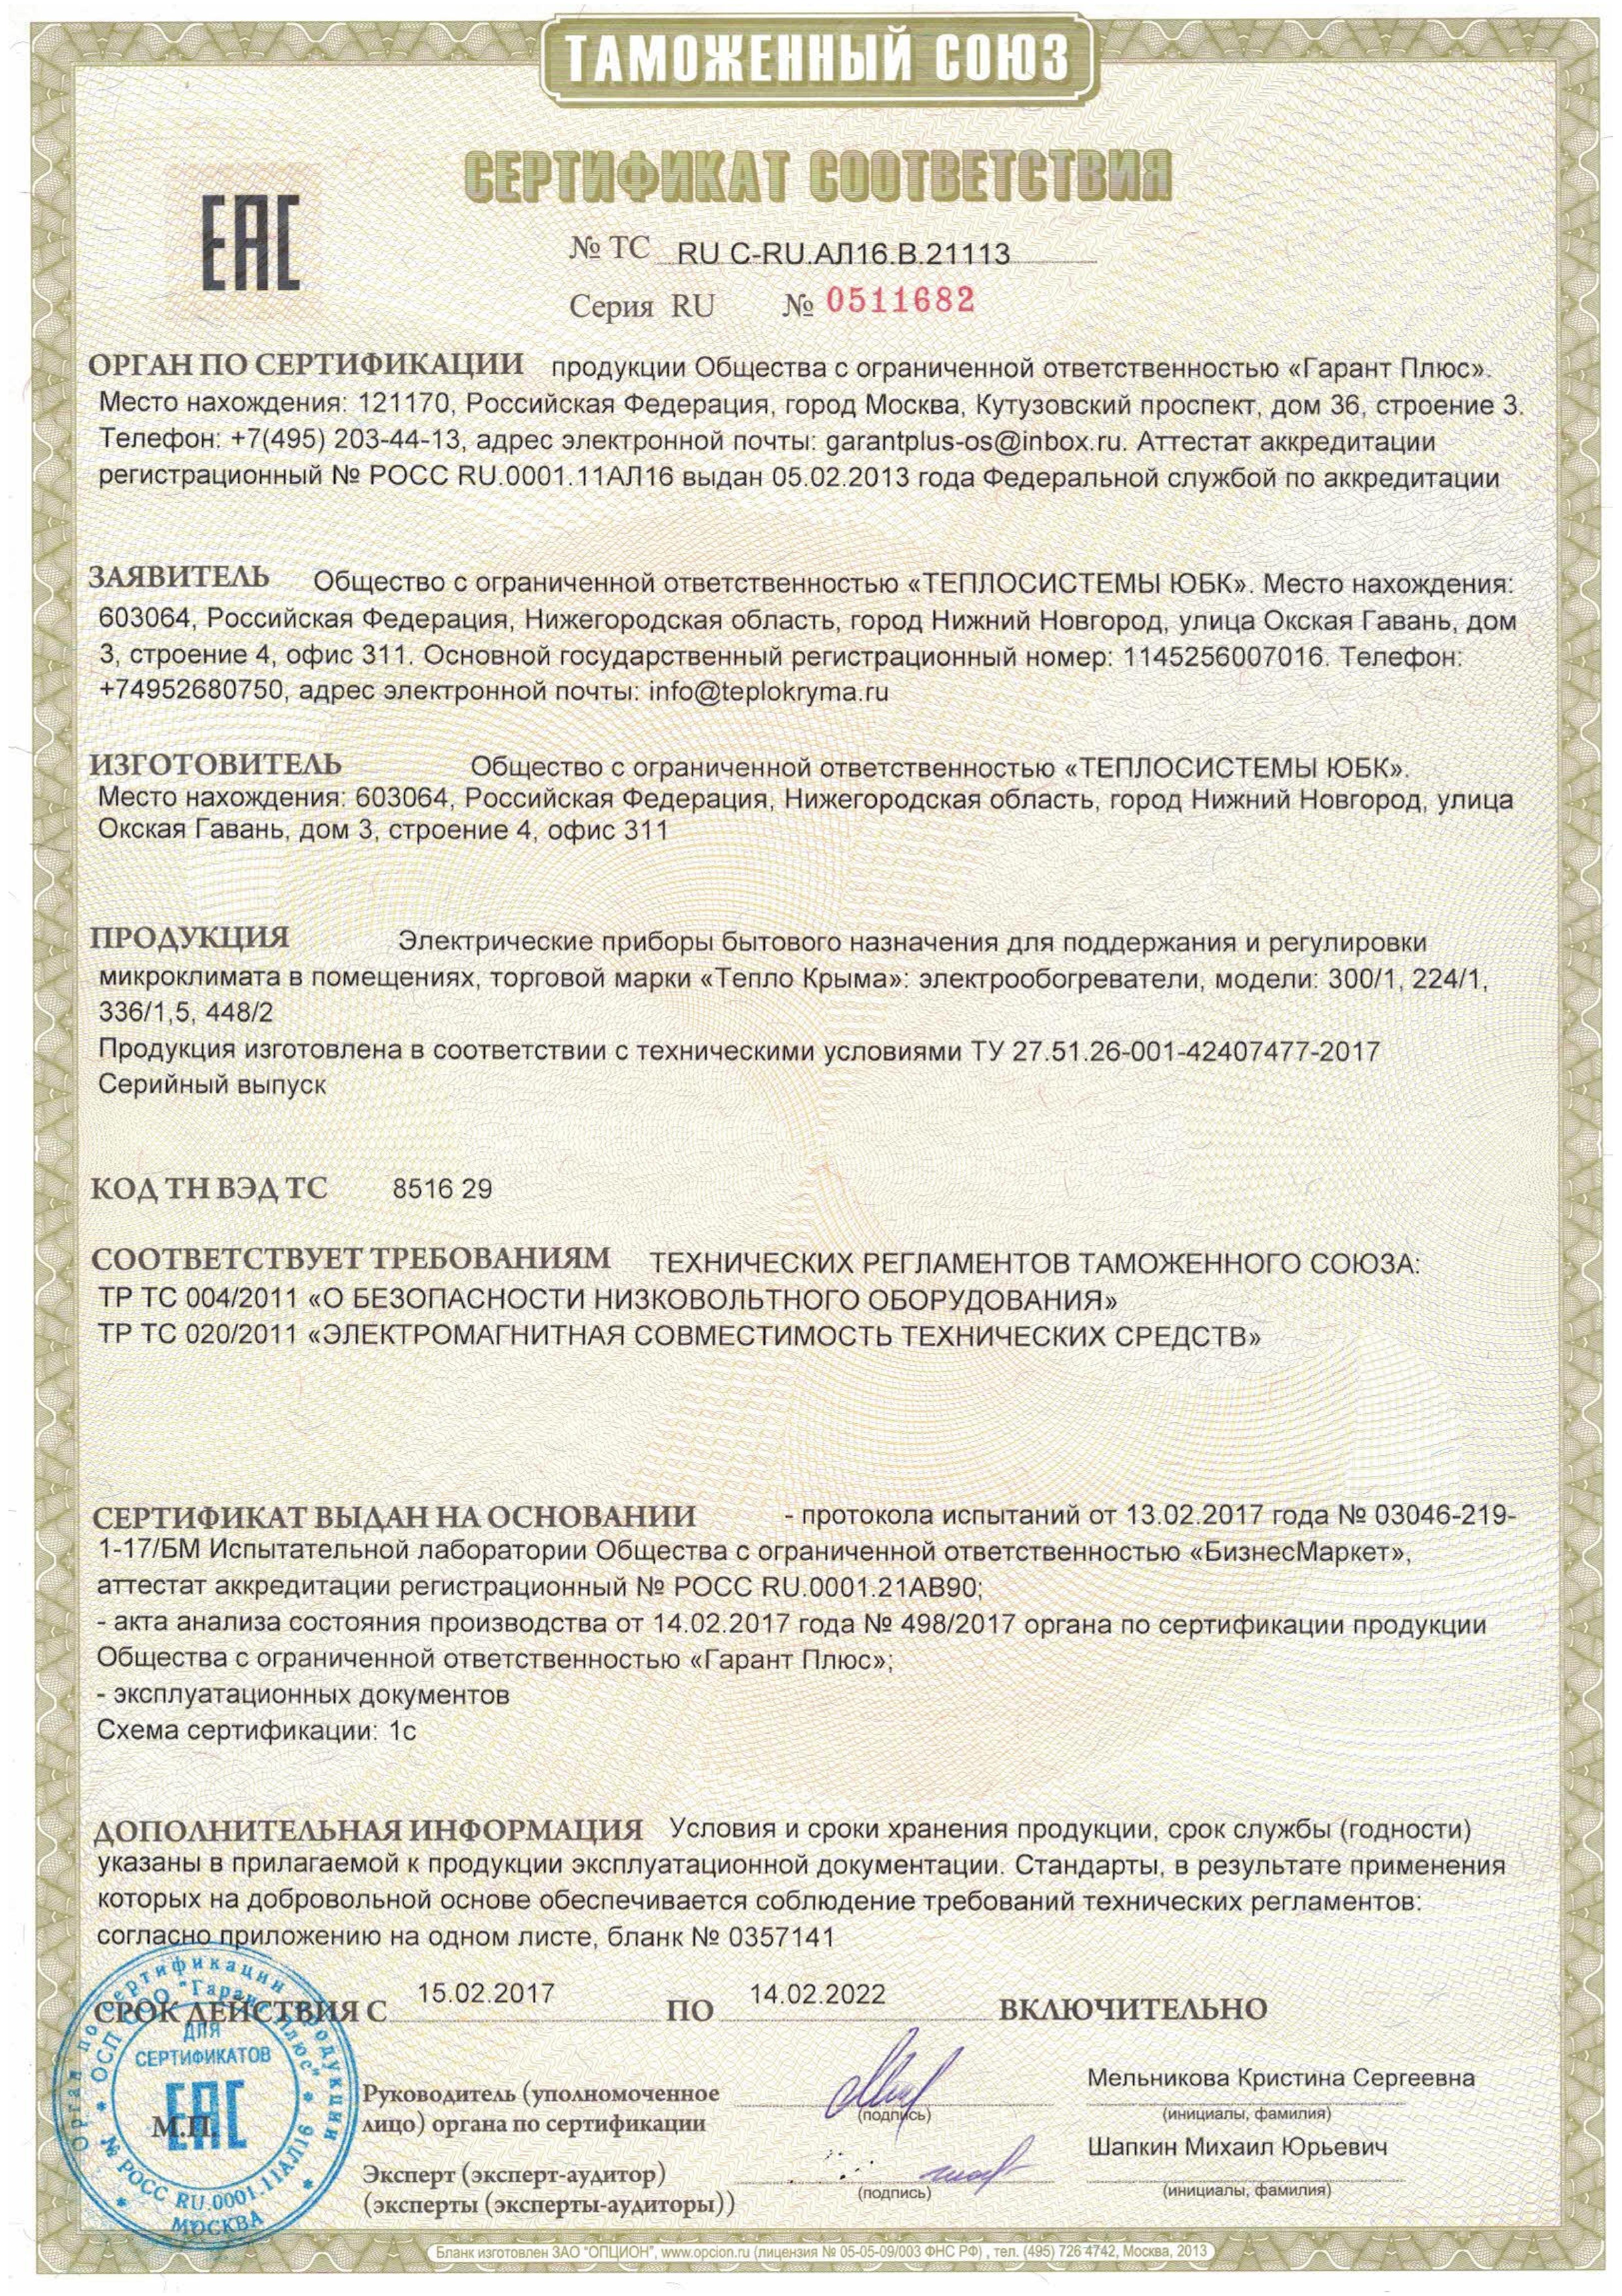 Сертификат соответствия обогревателей Тепло Крыма